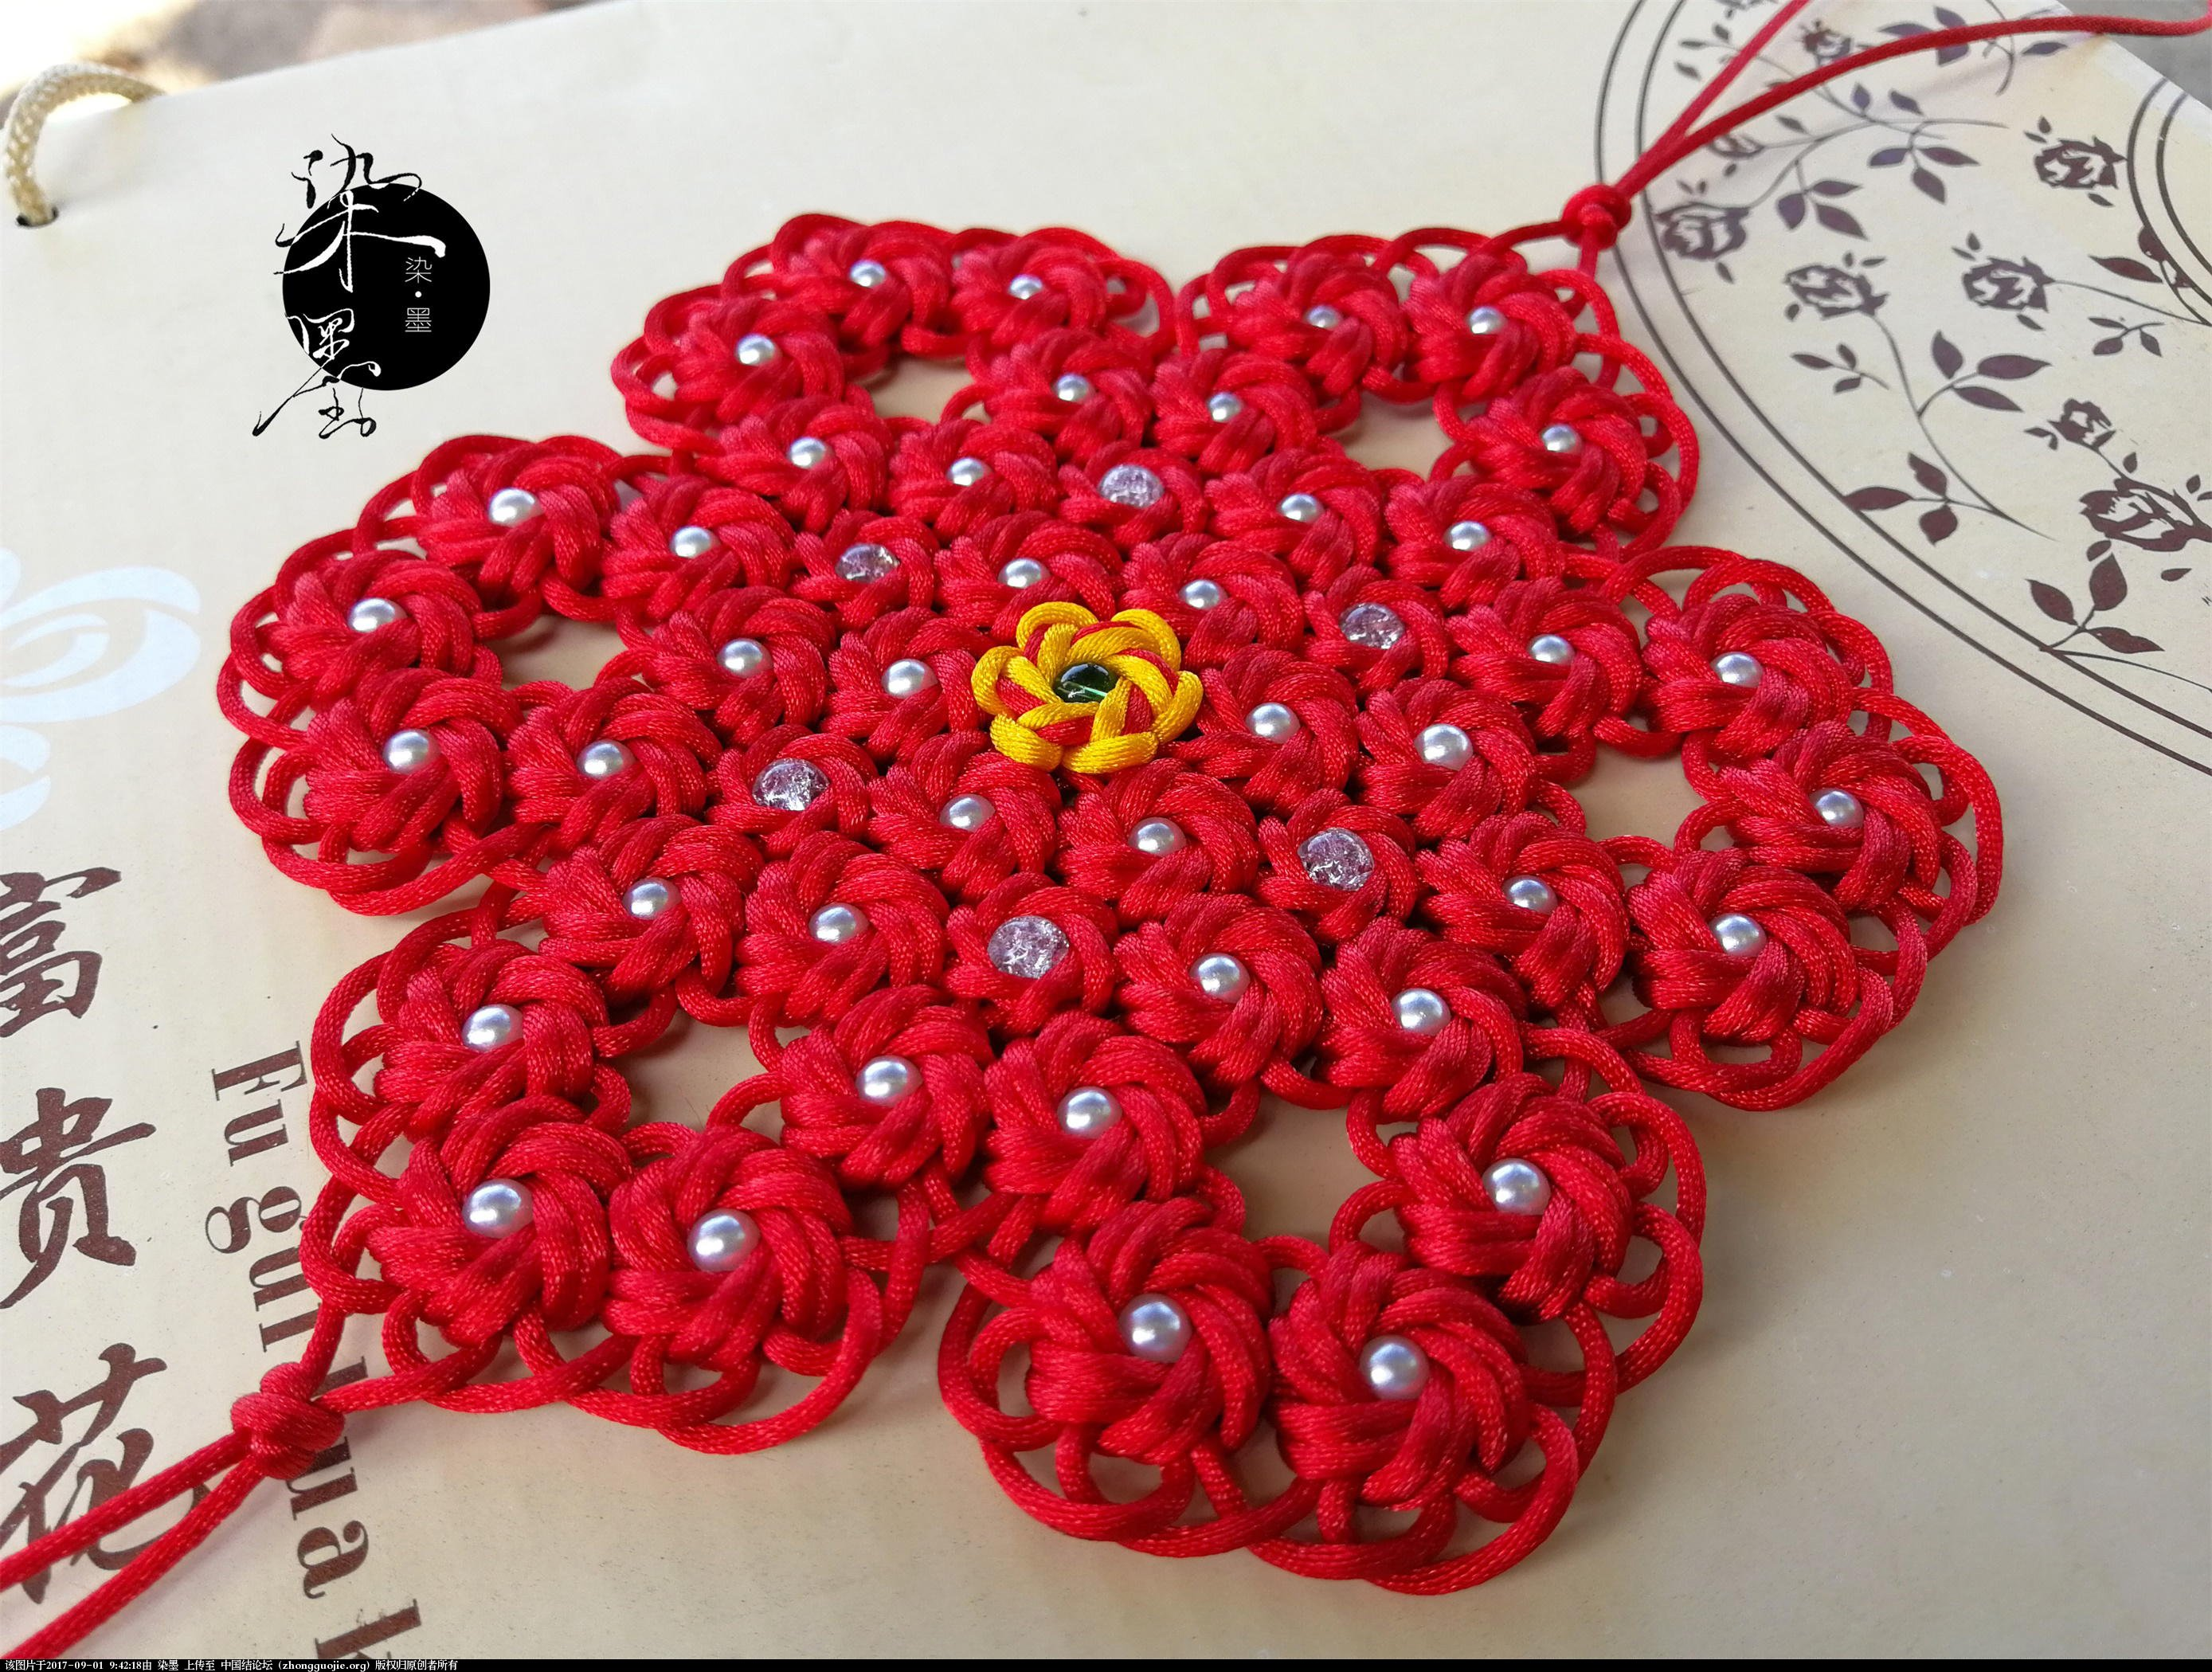 中国结论坛 雪颜1 — 烈焰红莲  作品展示 093844ykqypcspkqpxsyga